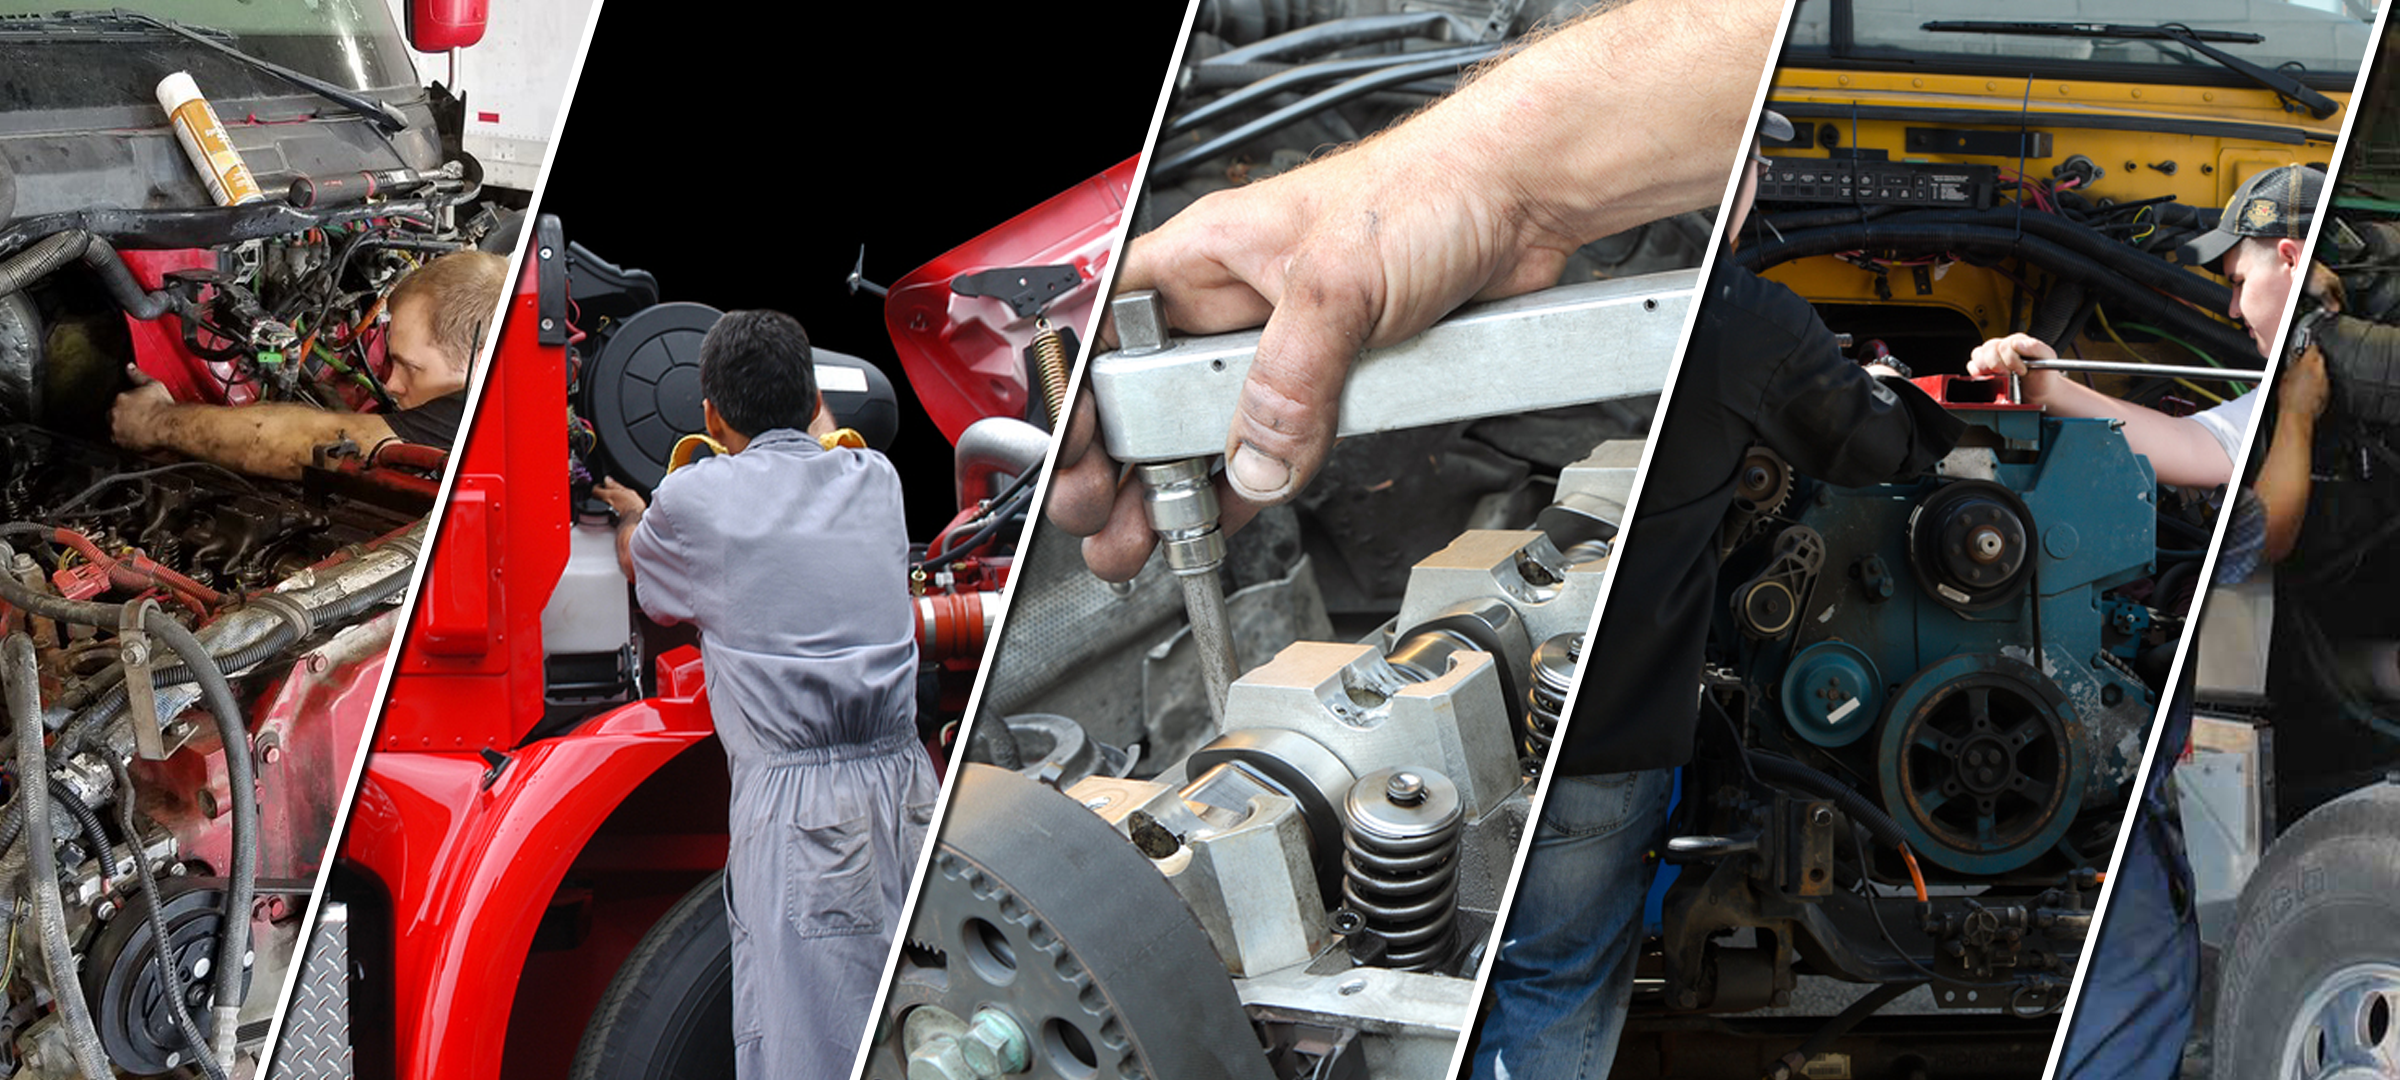 Truck technician-mechanic job in Germany